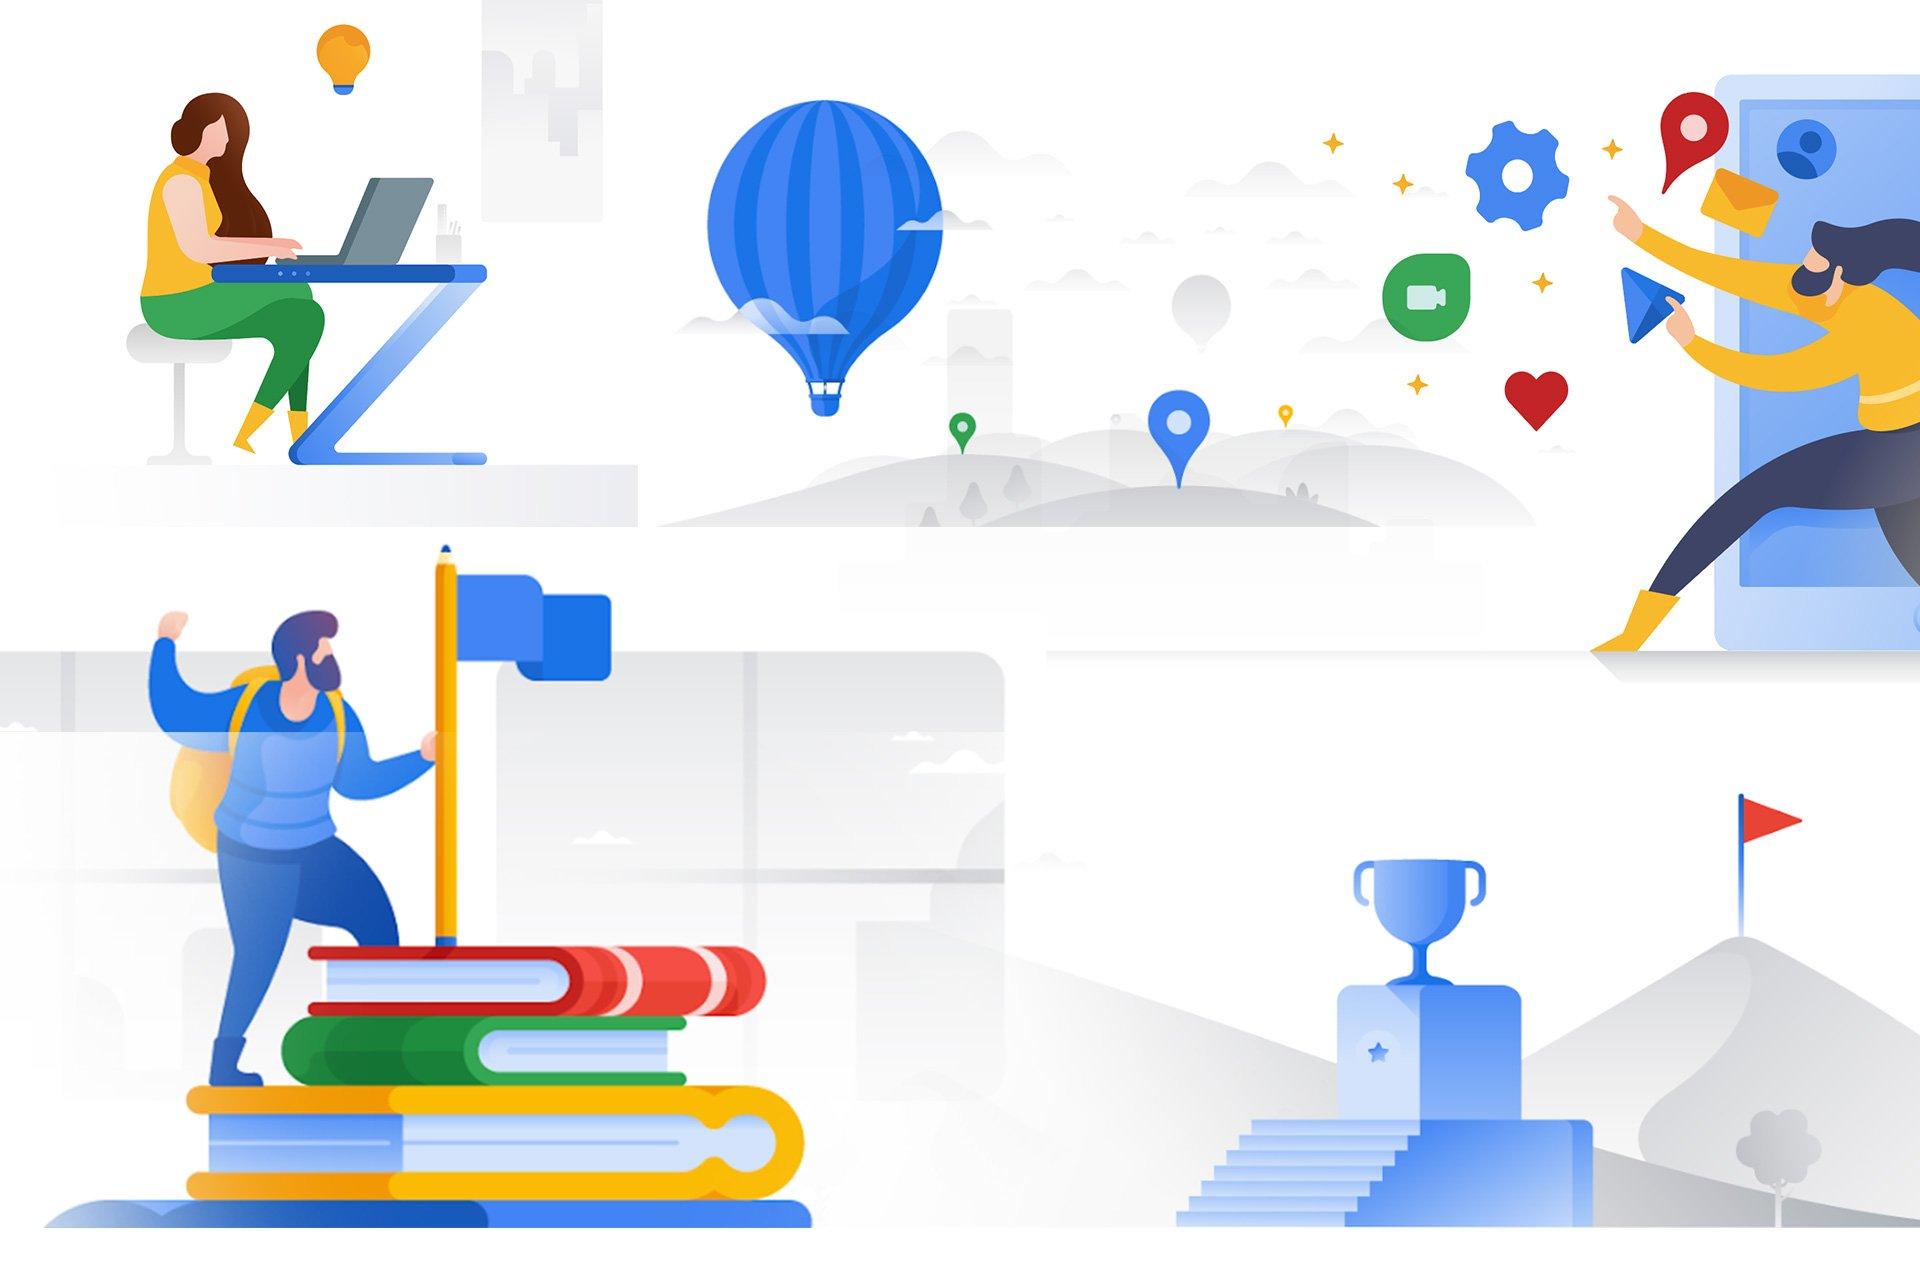 Q3-2021-Google-DG-Campaign-Main-LP-1920x1280